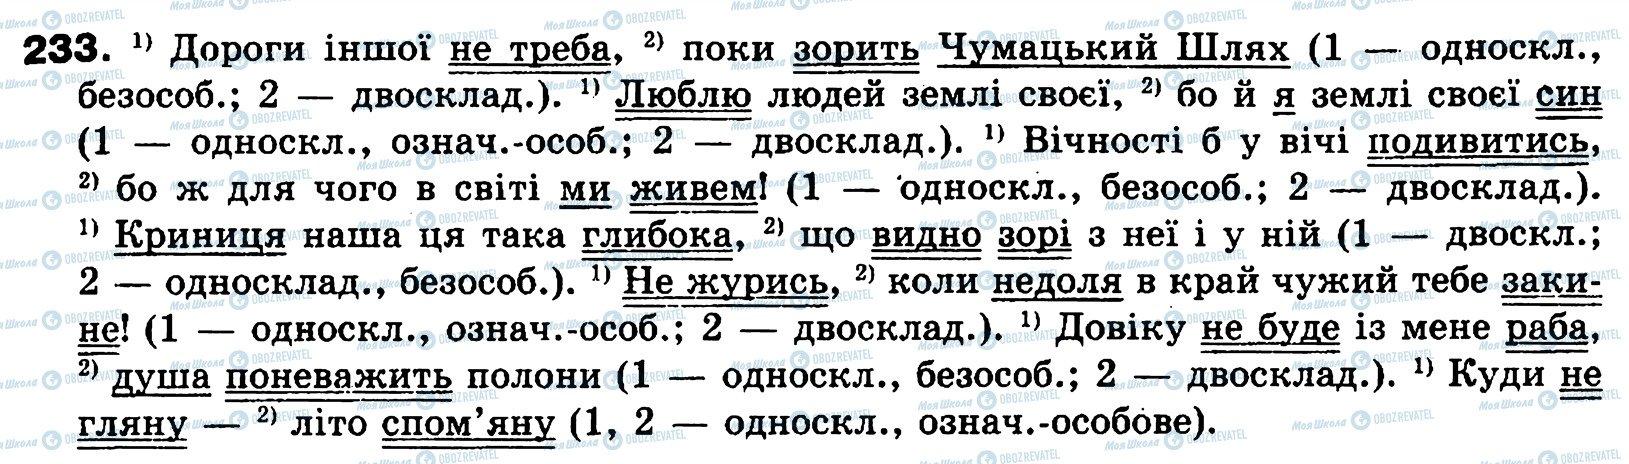 ГДЗ Українська мова 8 клас сторінка 233